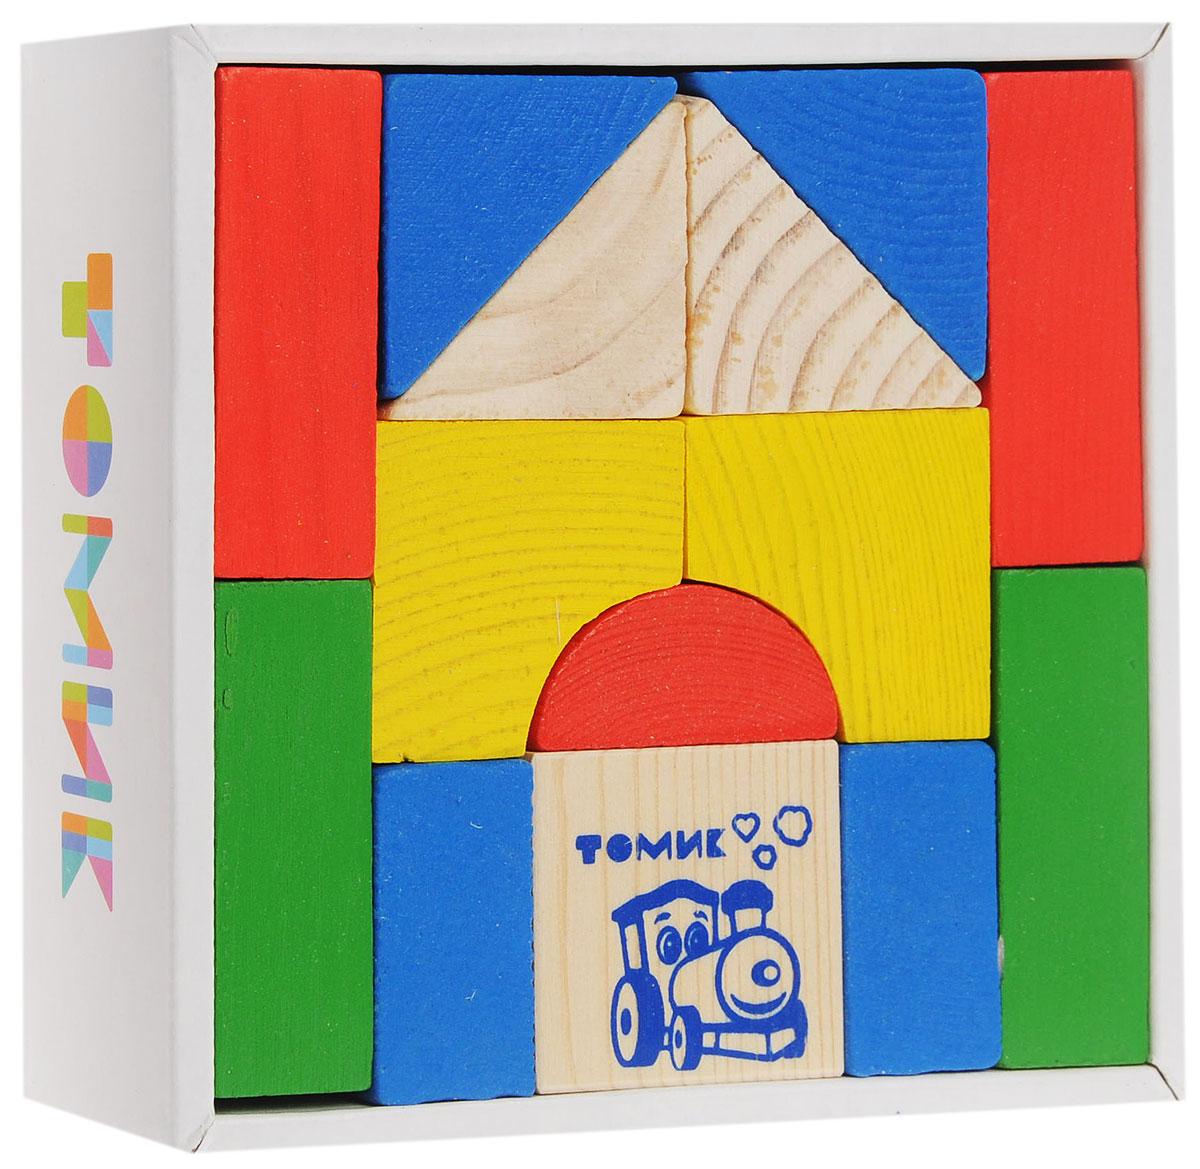 Томик Конструктор Цветной6678-14Конструктор Томик Цветной состоит из 14 цветных и неокрашенных деталей. Все элементы изготовлены из экологически чистого дерева, краски не токсичные и безопасны для ребенка. С таким конструктором ребенок с удовольствием построит башни, красивые арки, мостики, а если дополнить набор другими конструкторами, то можно сотворить великолепный замок или крепость. Такая игра развивает пространственное мышление, фантазию, умение использовать форму предмета, моторику, координацию, приучает ребенка к усидчивости.